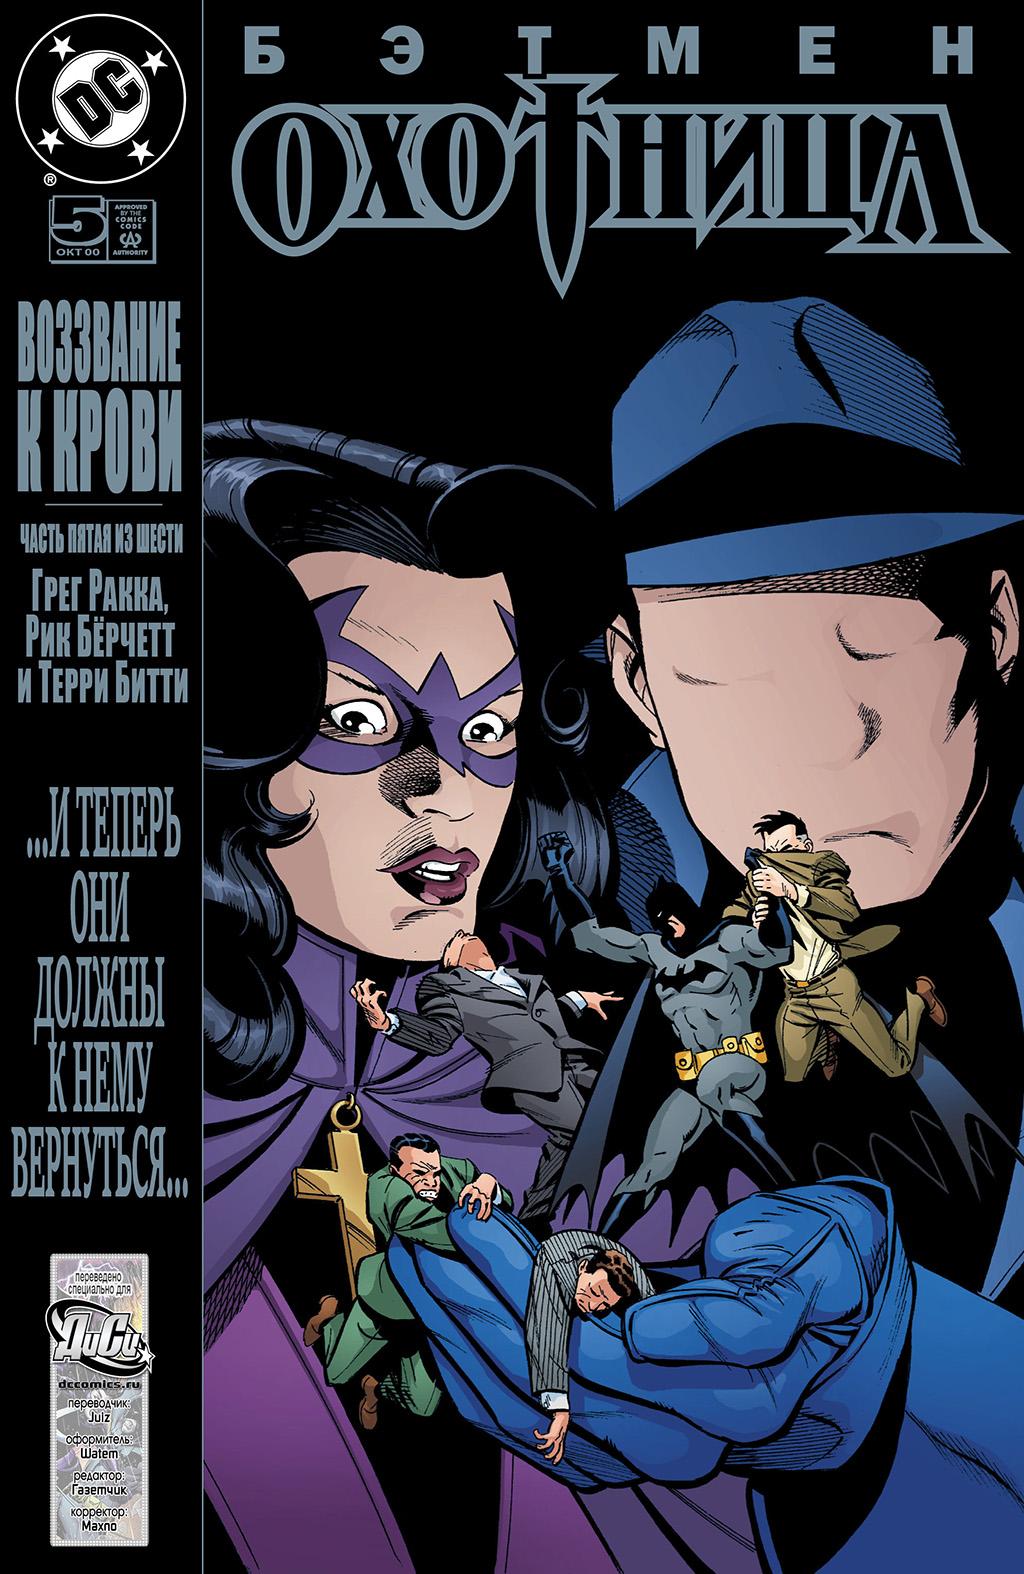 Комикс Бэтмен Охотница - Воззвание к Крови